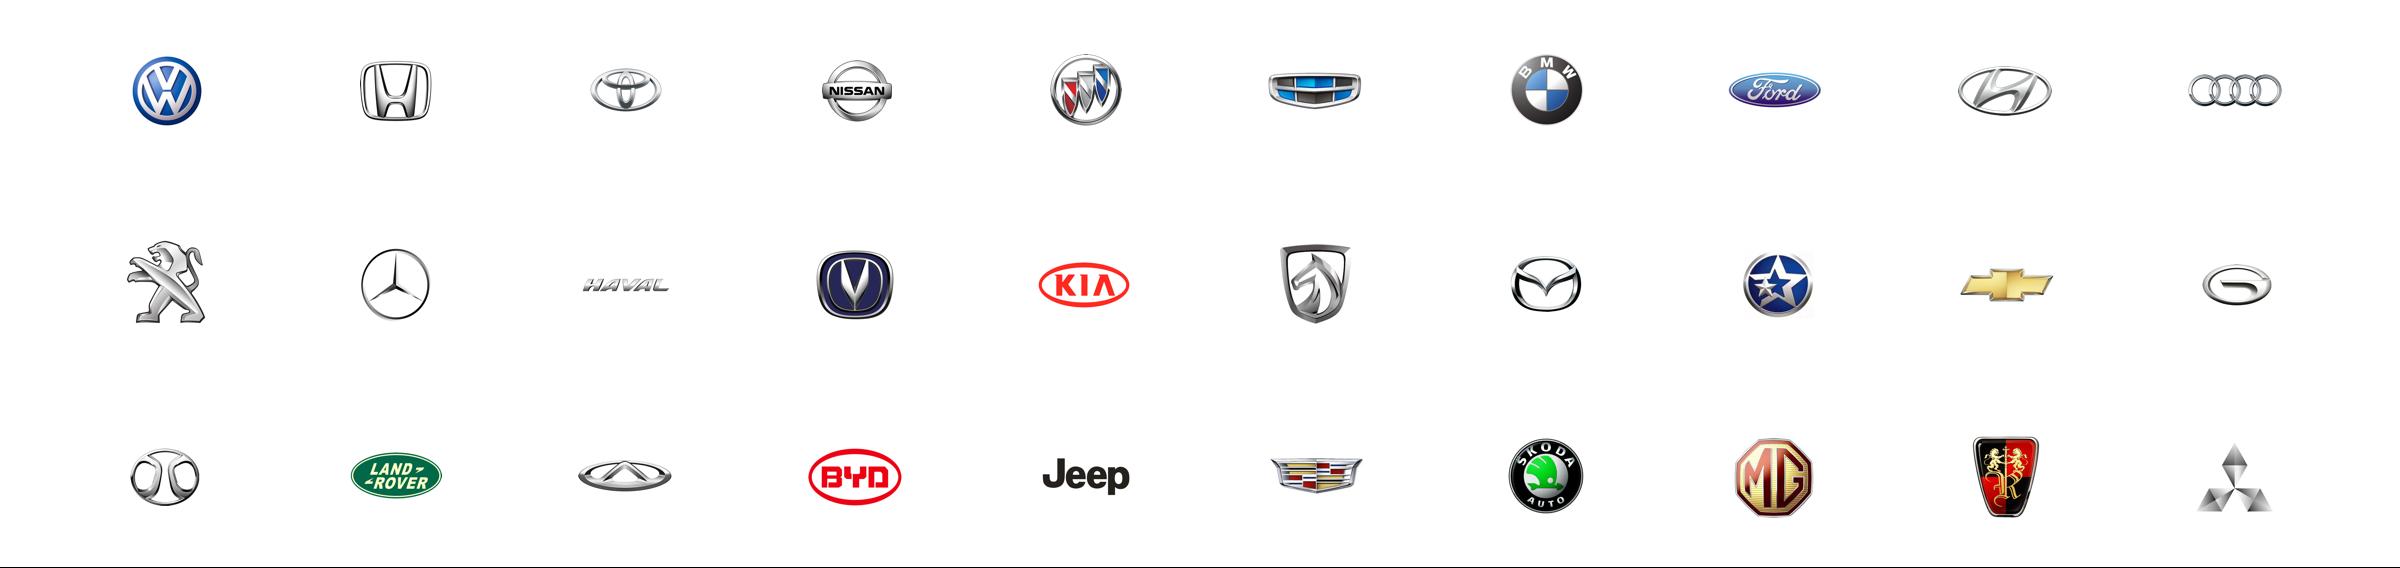 涵盖主流汽车品牌